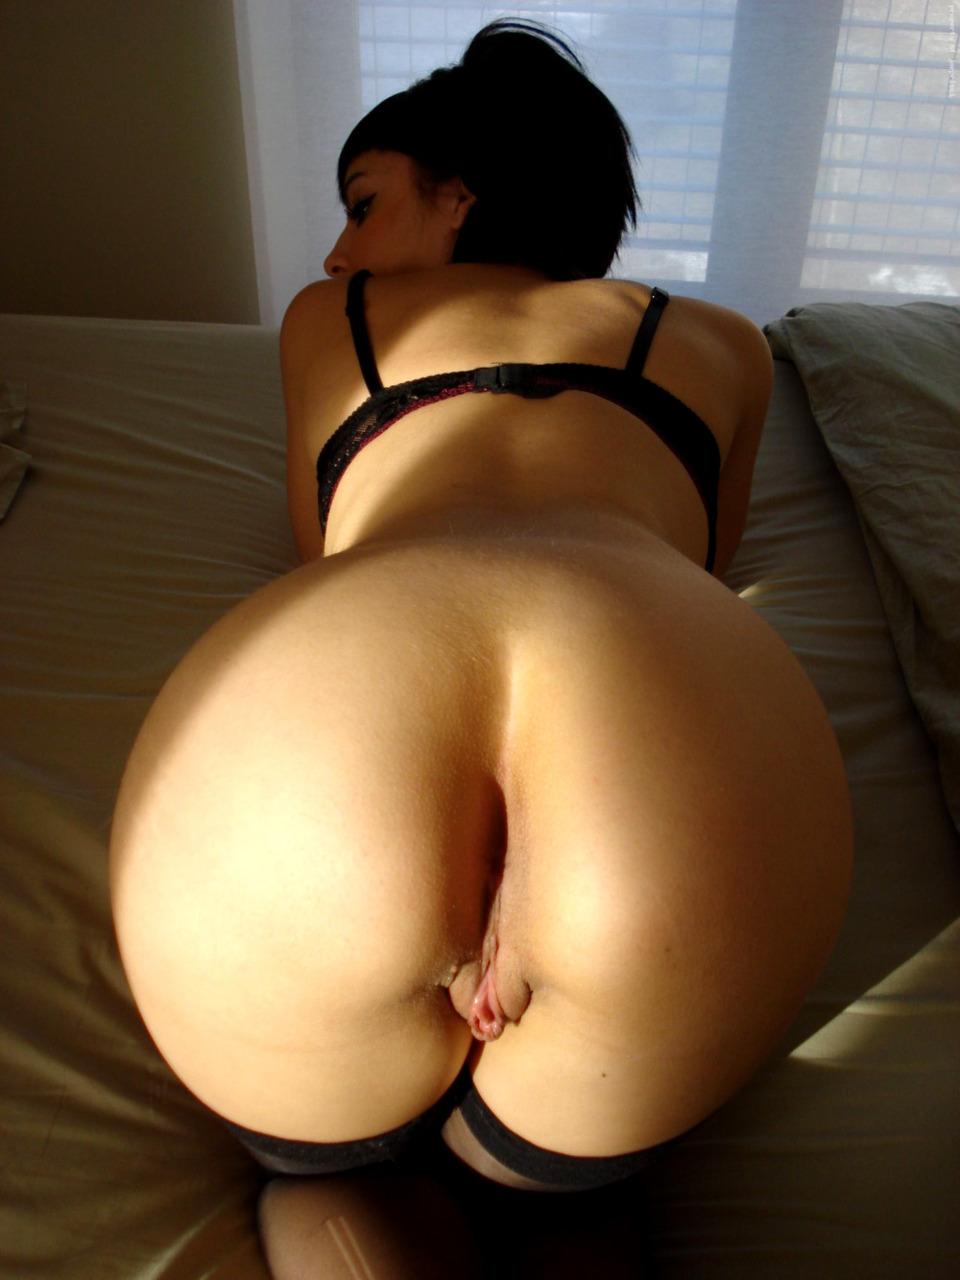 Подборка красивых задниц девушек без трусов